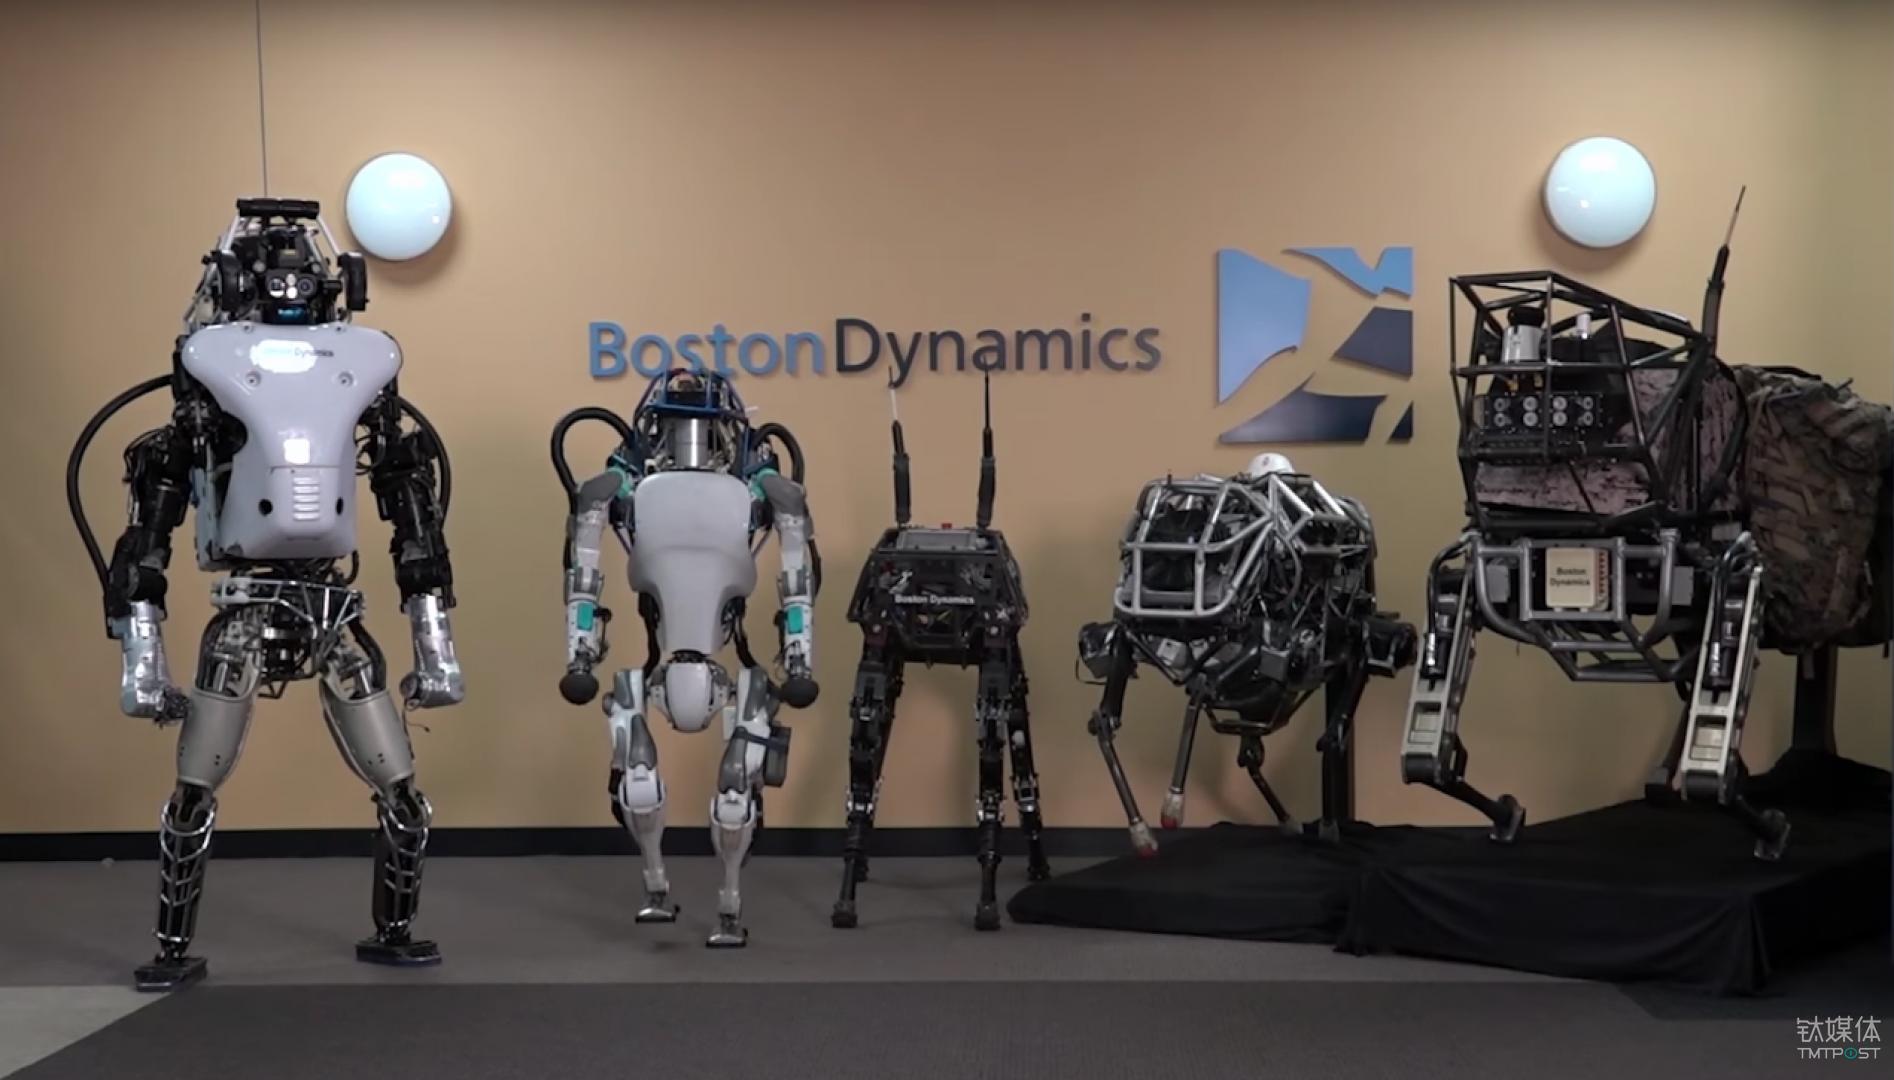 Boston Dynamics 最终被 Google 以商业收益原因出售